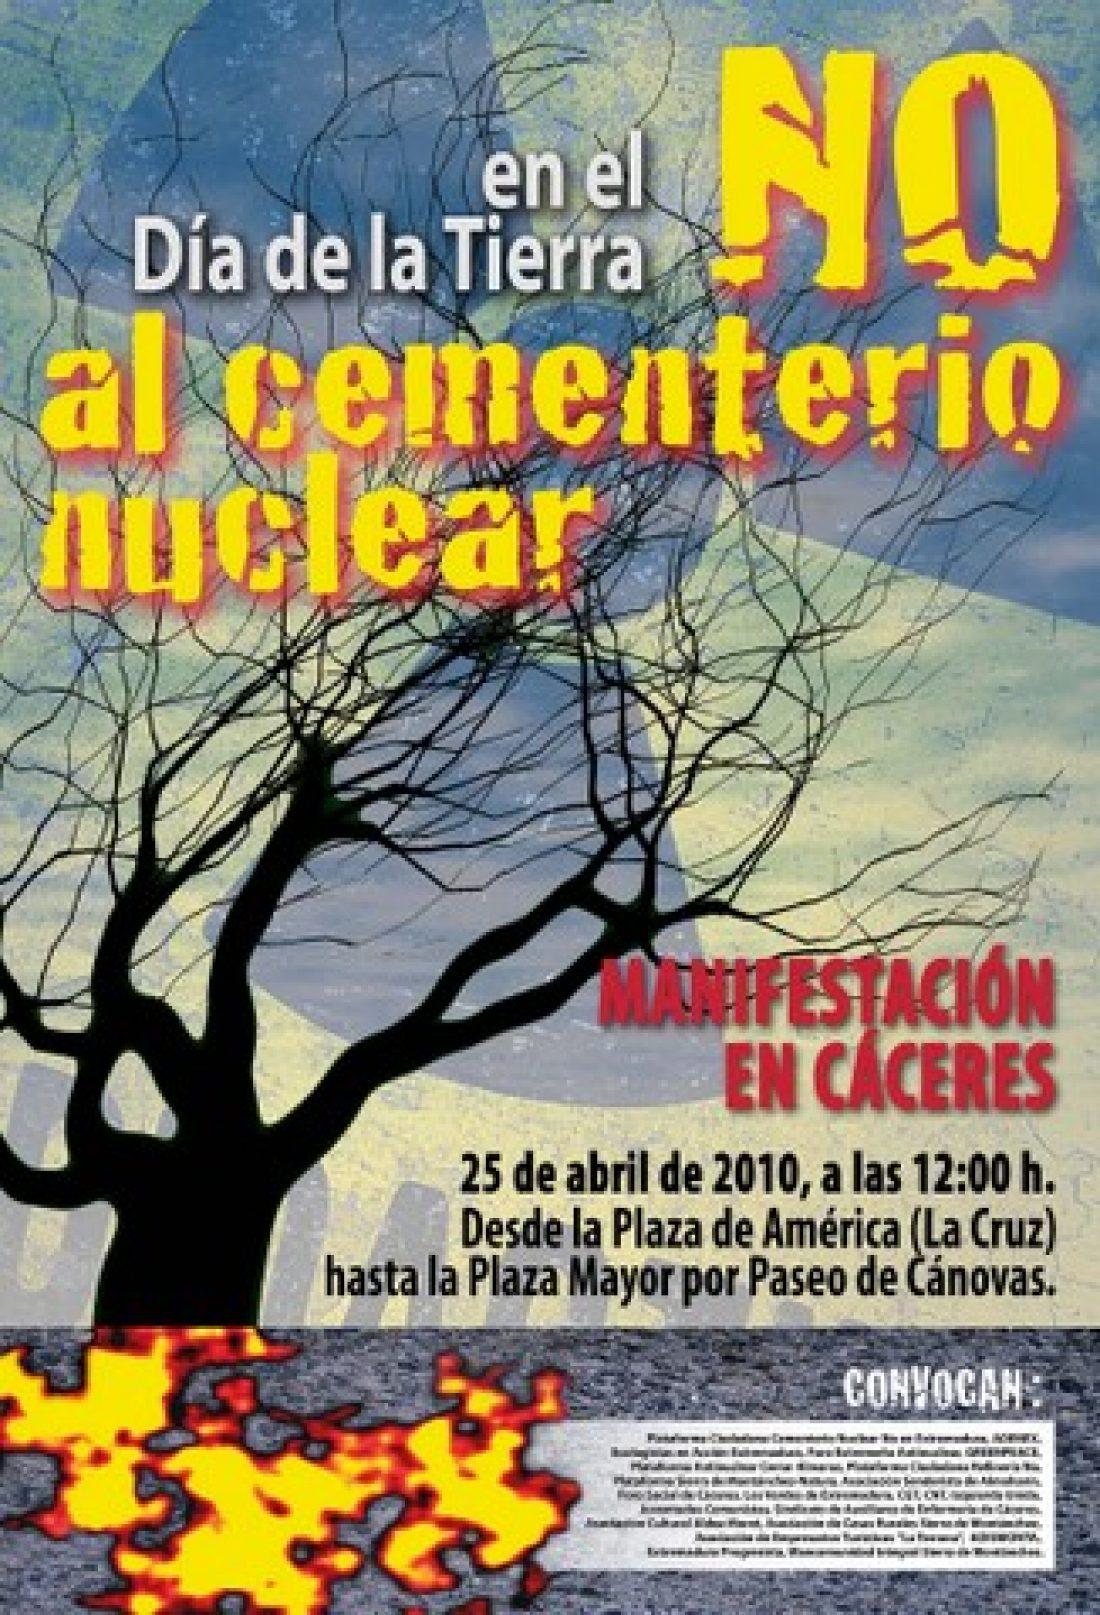 Cáceres, 25 de abril: en el día de la Tierra, manifestación «No al cementerio nuclear»